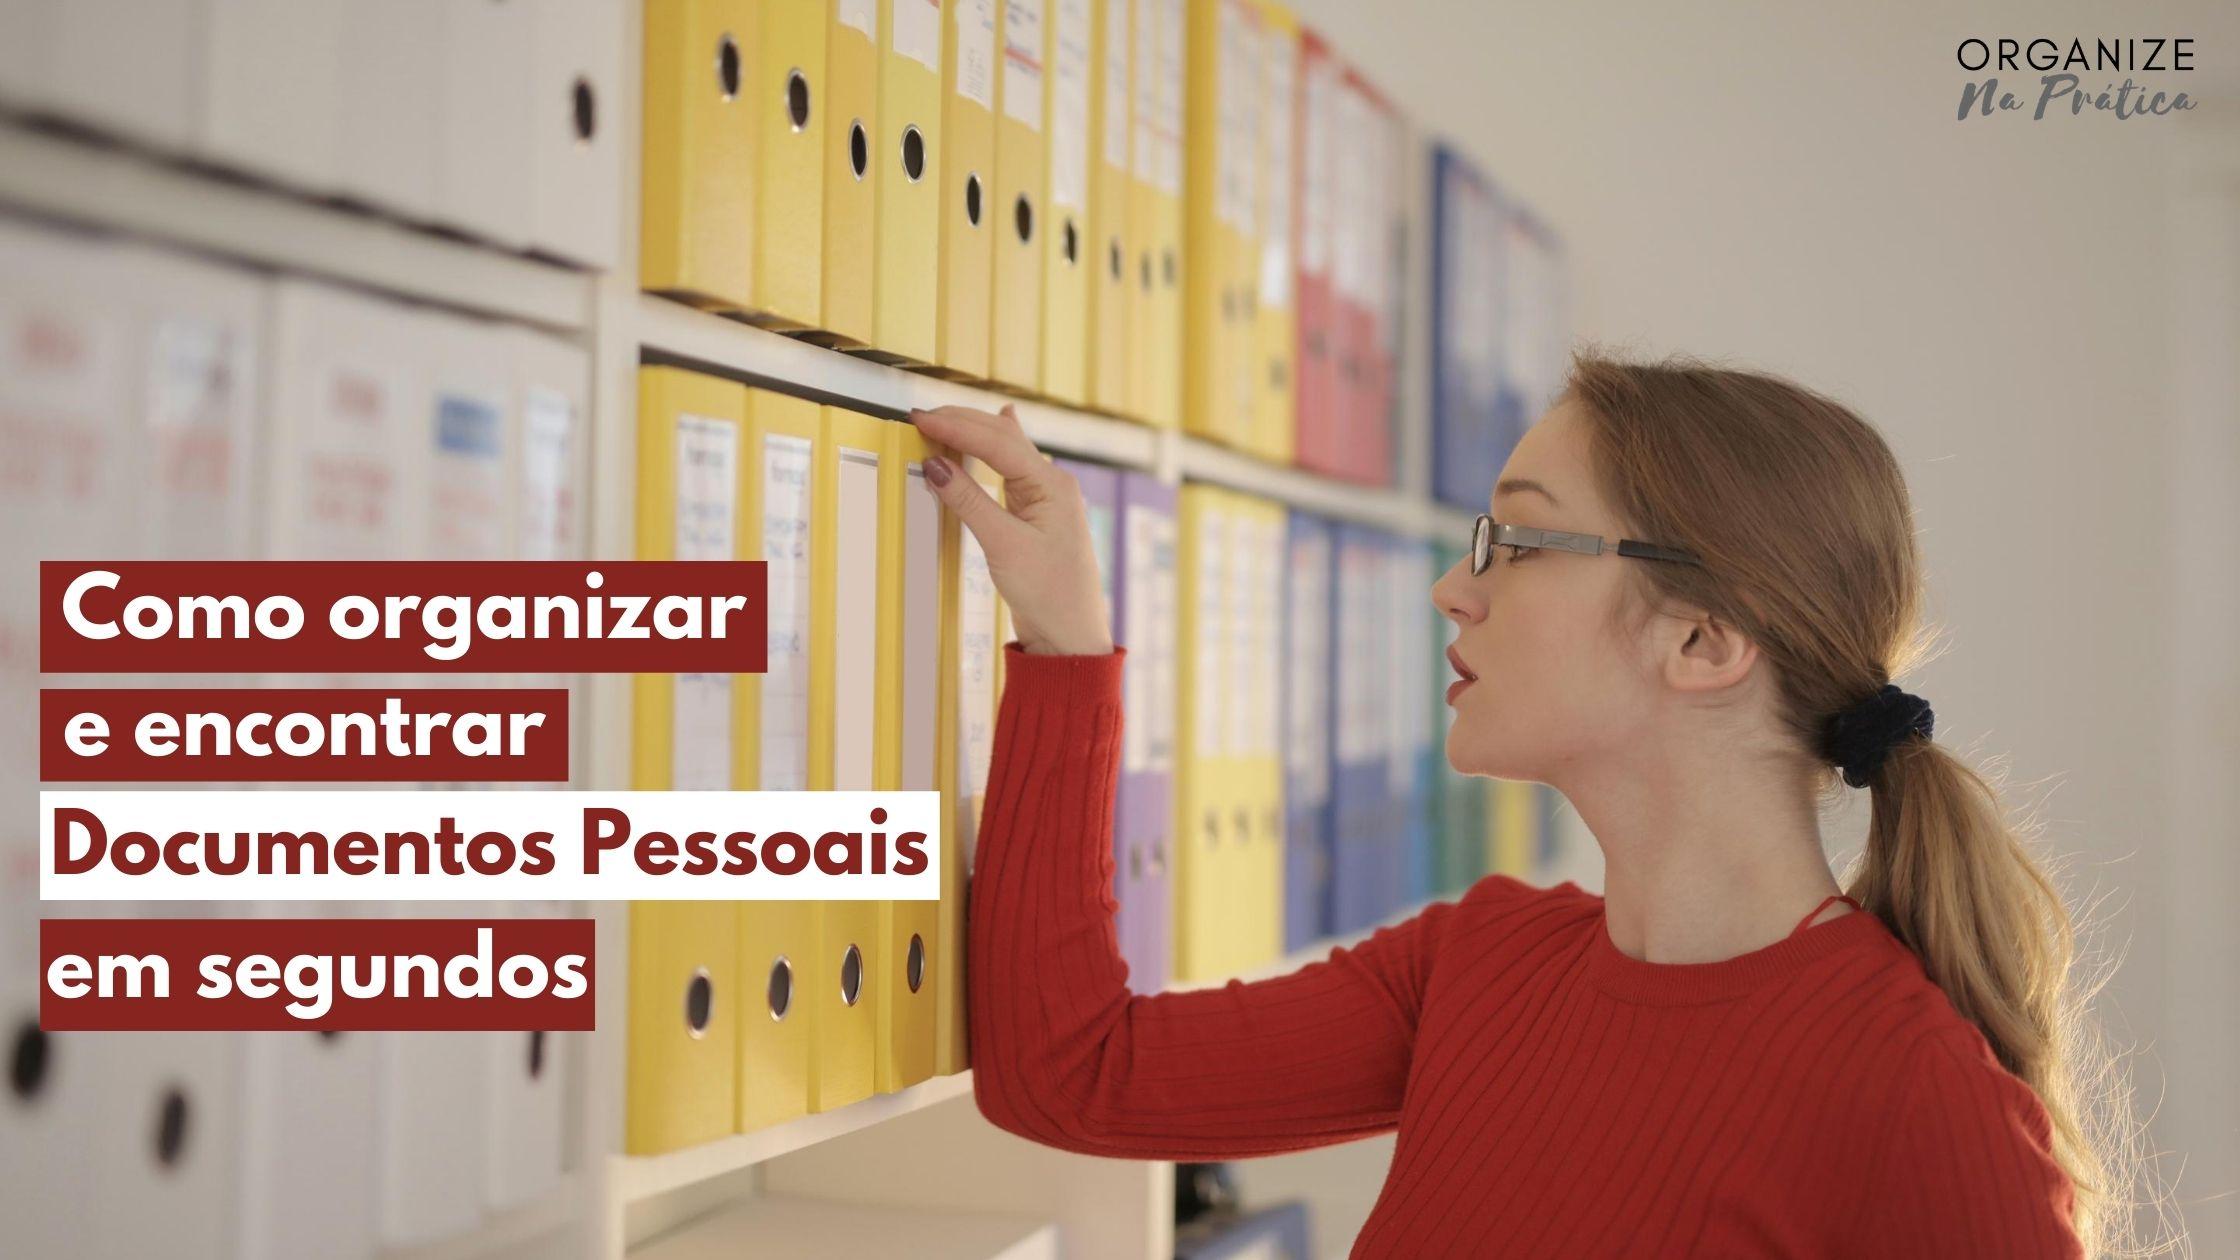 Utilize esta técnica para encontrar documentos pessoais em segundos